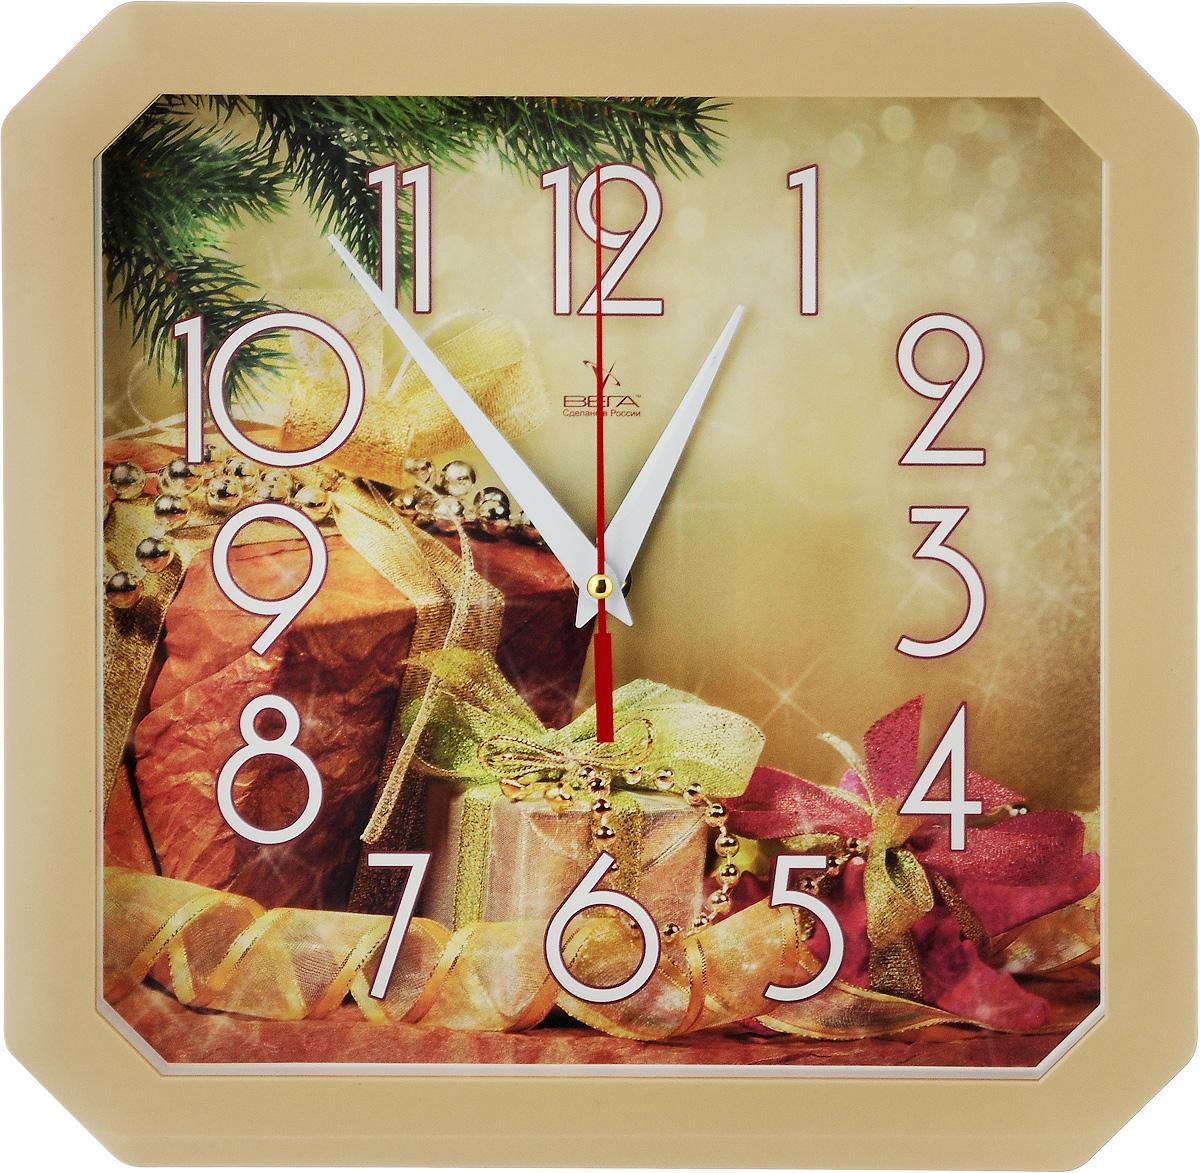 Часы настенные Вега Новогодние подарки, 27,5 х 27,5 х 3,5 смП1-8/7-307Настенные кварцевые часы Вега Новогодние подарки, изготовленные из пластика, прекрасно впишутся в интерьер вашего дома. Часы имеют три стрелки: часовую, минутную и секундную, циферблат защищен прозрачным стеклом. Часы работают от 1 батарейки типа АА напряжением 1,5 В (не входит в комплект).Размер часов: 27,5 х 27,5 х 3,5 см.